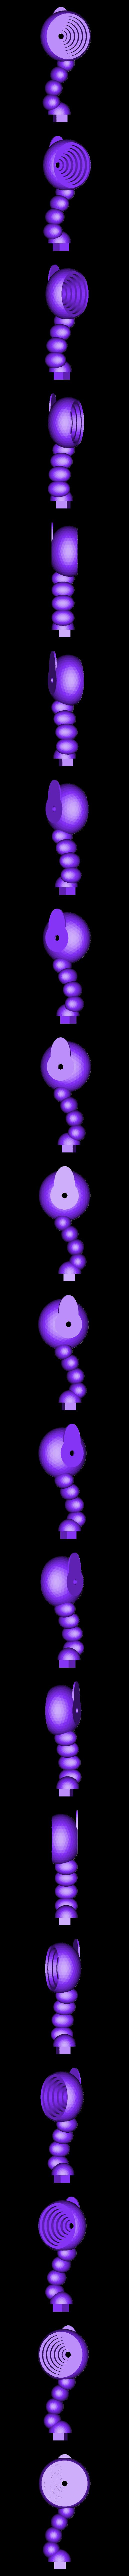 Bubble_top.stl Télécharger fichier STL gratuit Support de casque à bulles • Modèle imprimable en 3D, CheesmondN